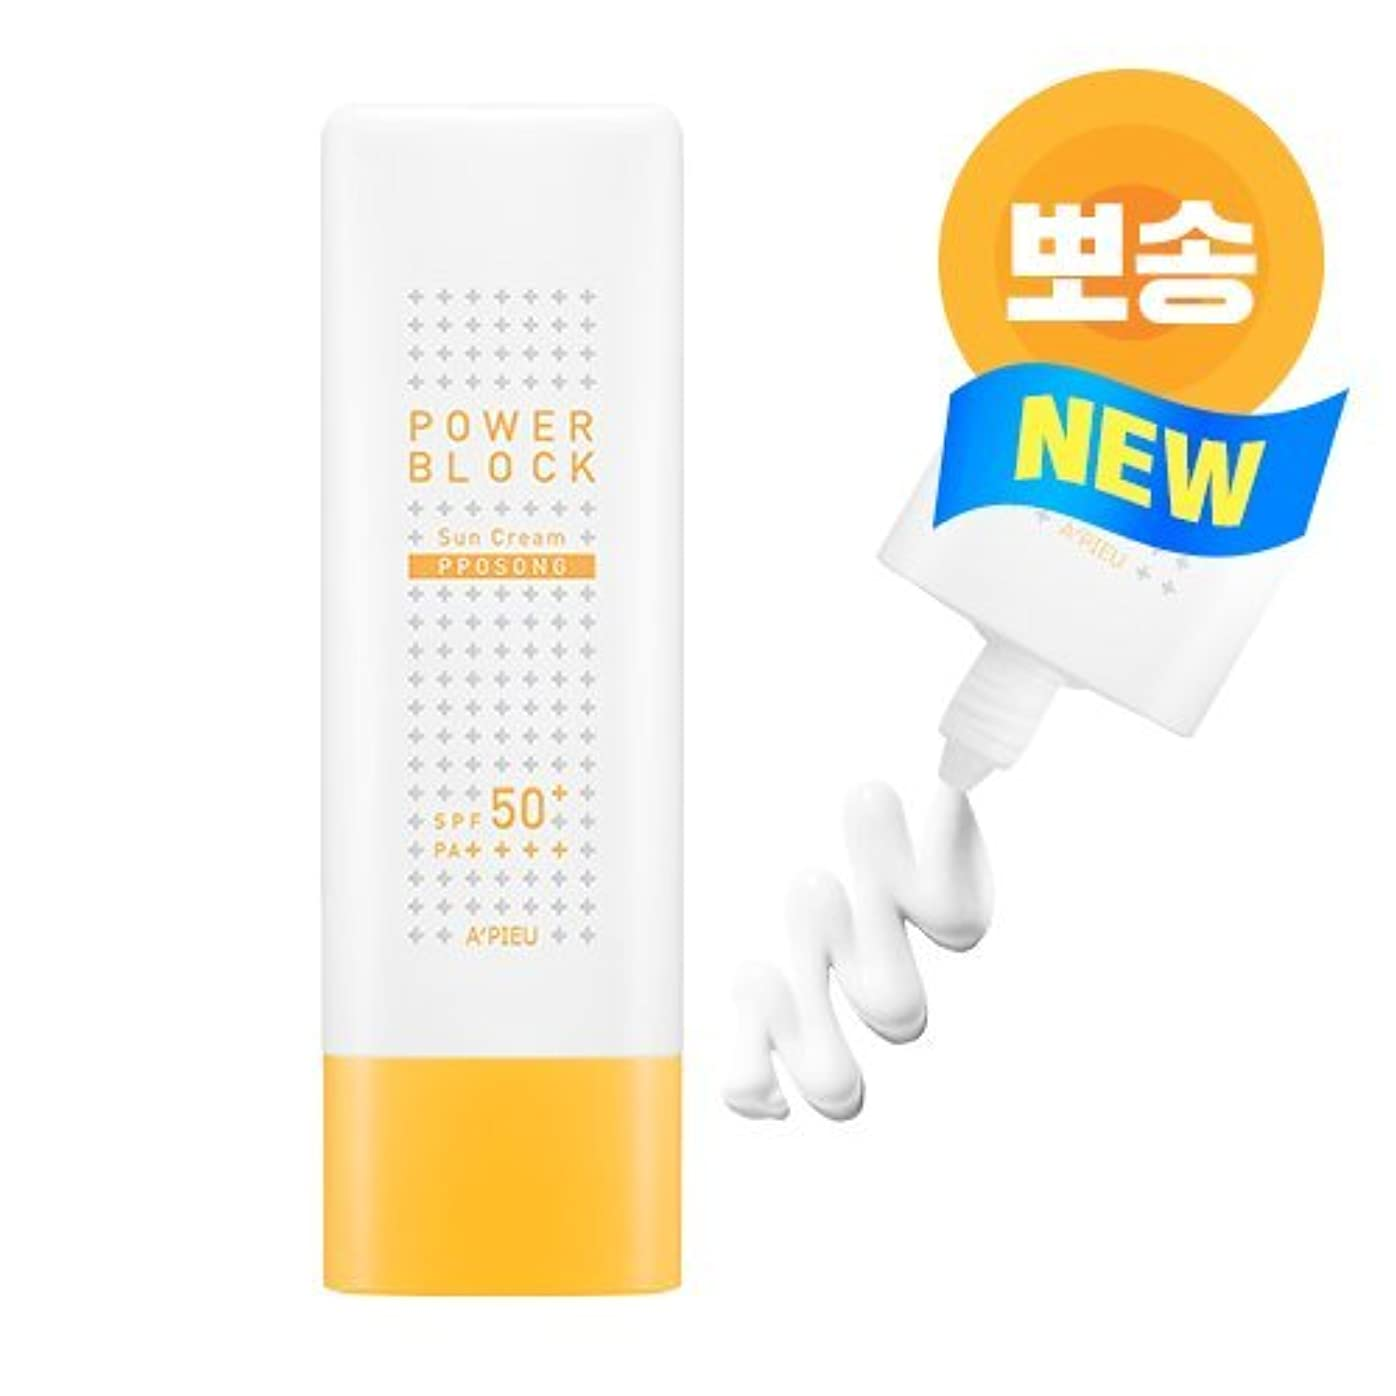 ウミウシデモンストレーションハブブA'PIEU Power Block Sun Cream PPOSONG SPF50+ PA++++ [オピュ/アピュ] パワーブロックサラサラ日焼け止め [並行輸入品]